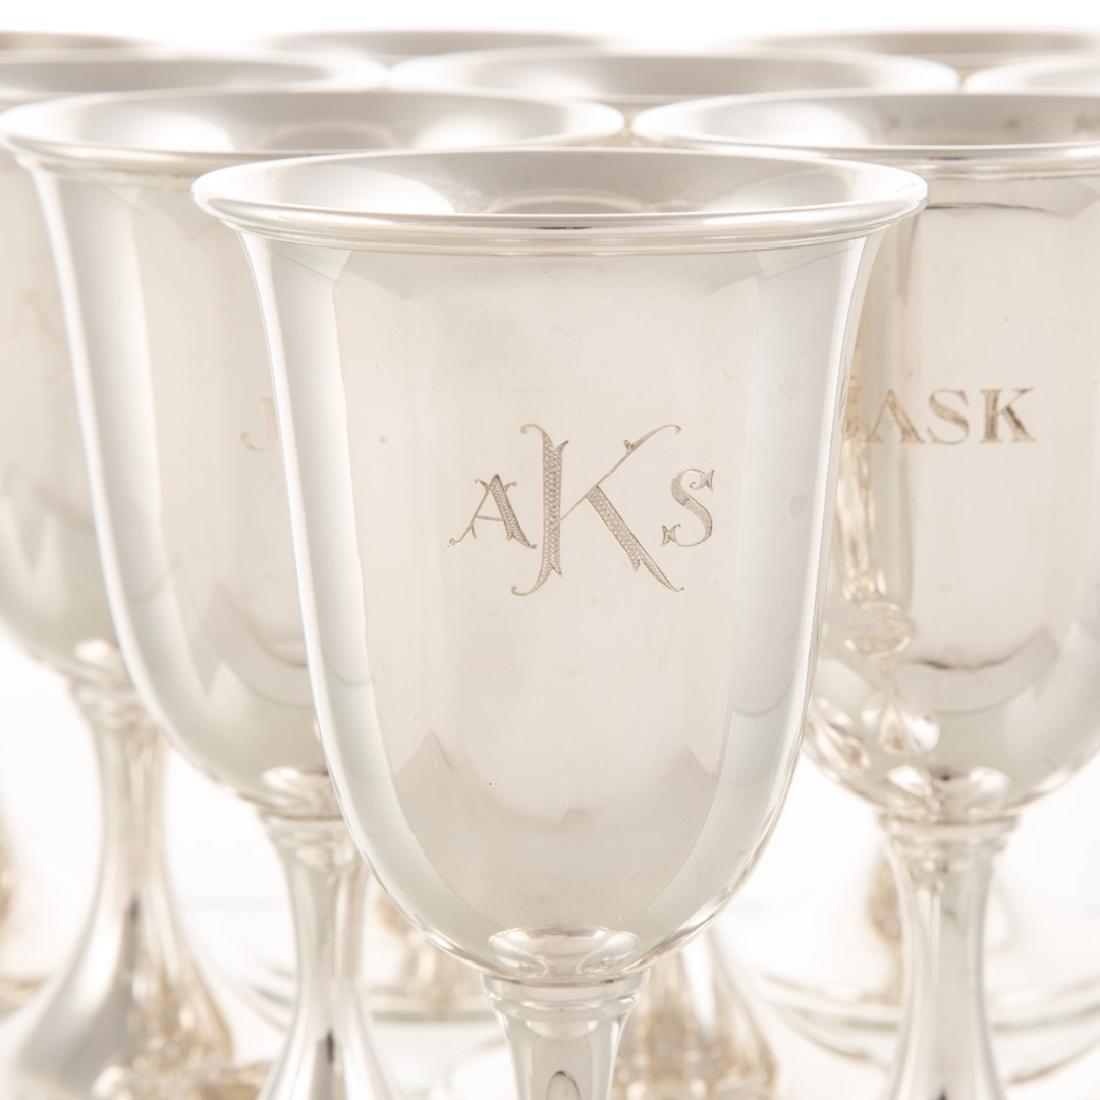 Set of 10 Kirk sterling silver goblets - 2